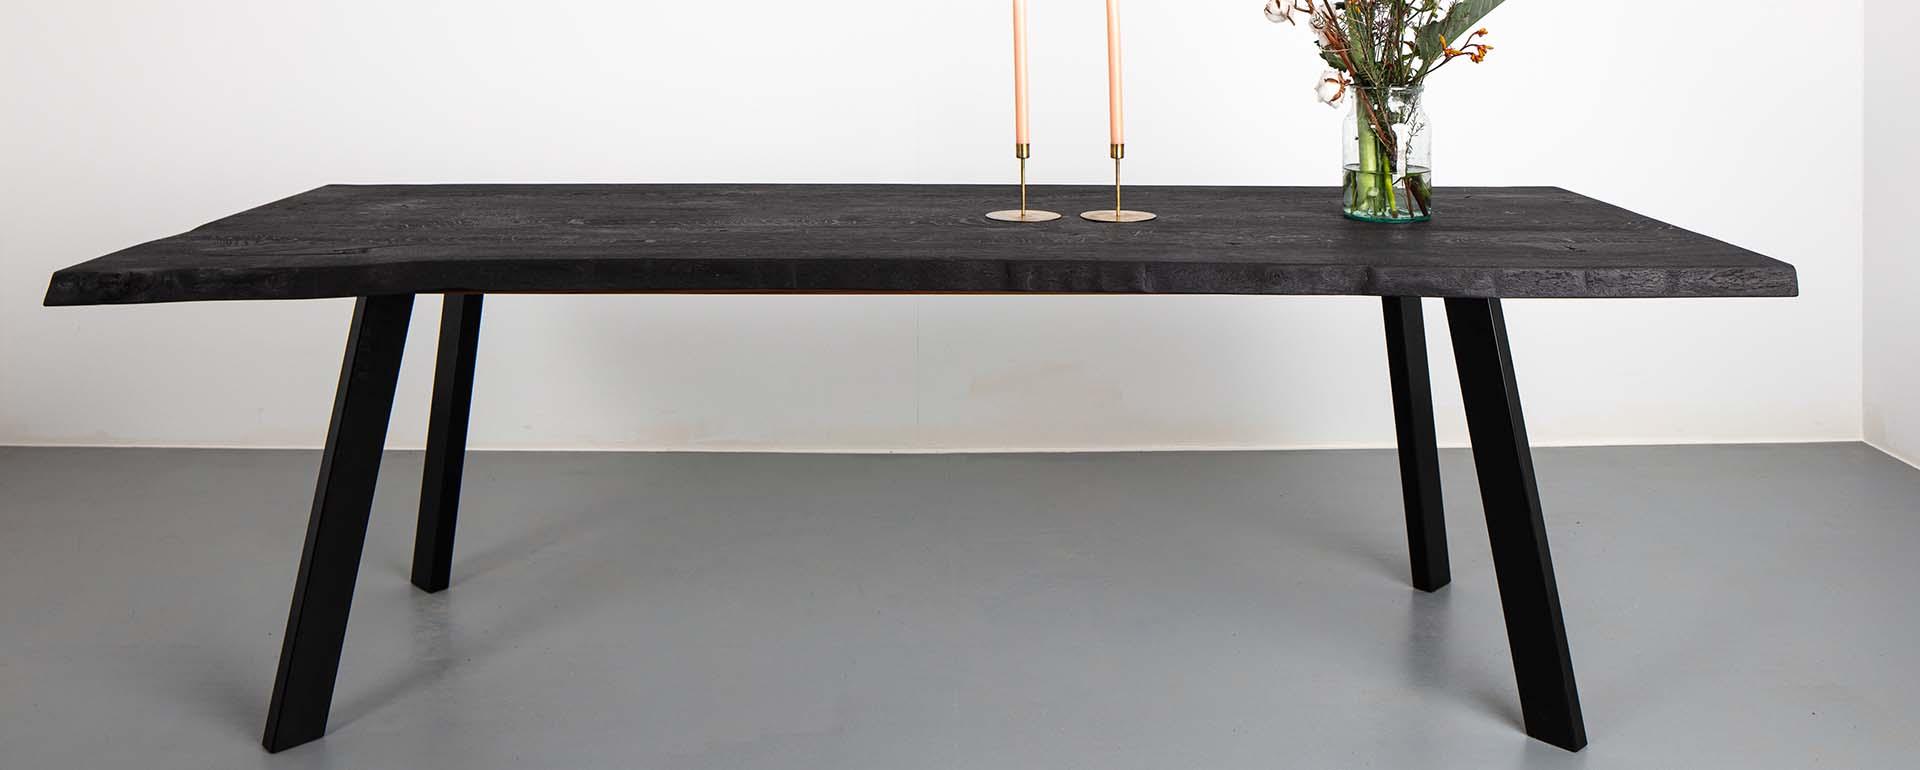 Massief houten tafels, op maat gemaakt